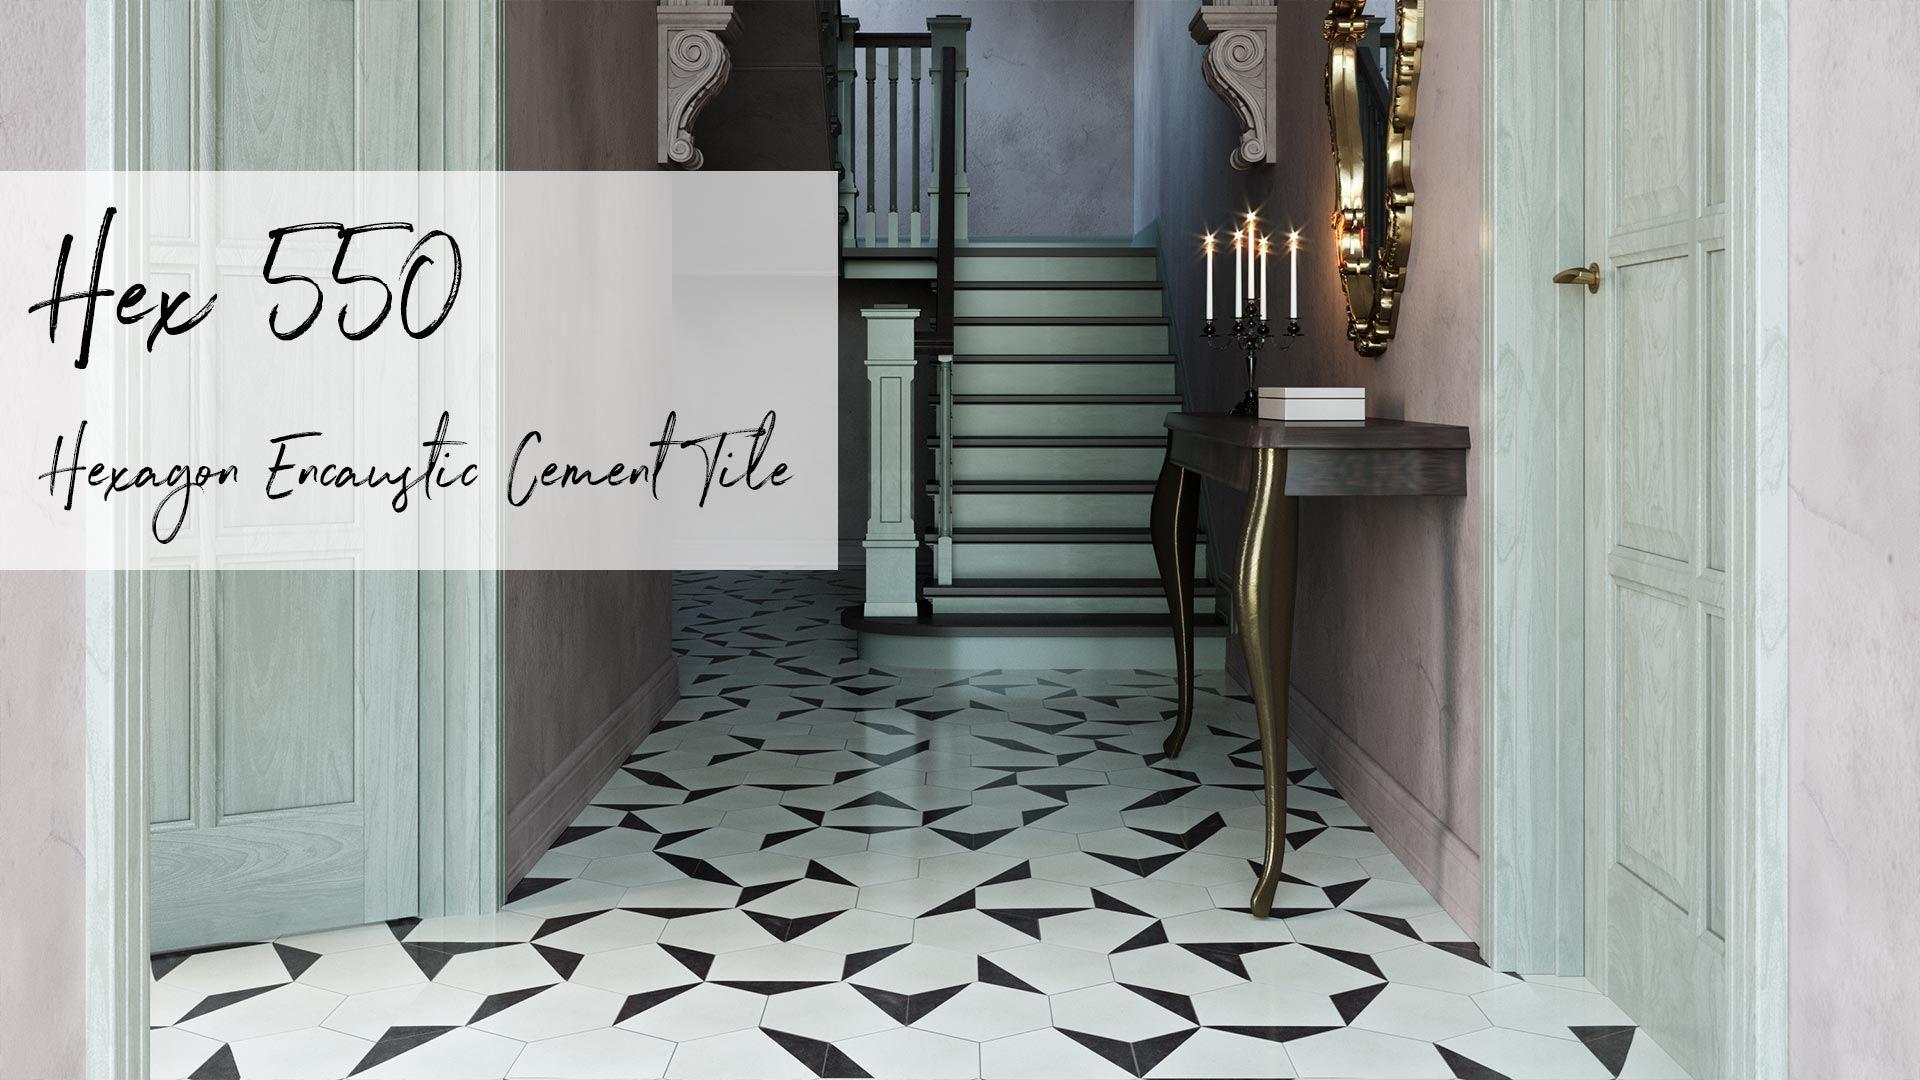 Hex550 Encaustic Cement Tile